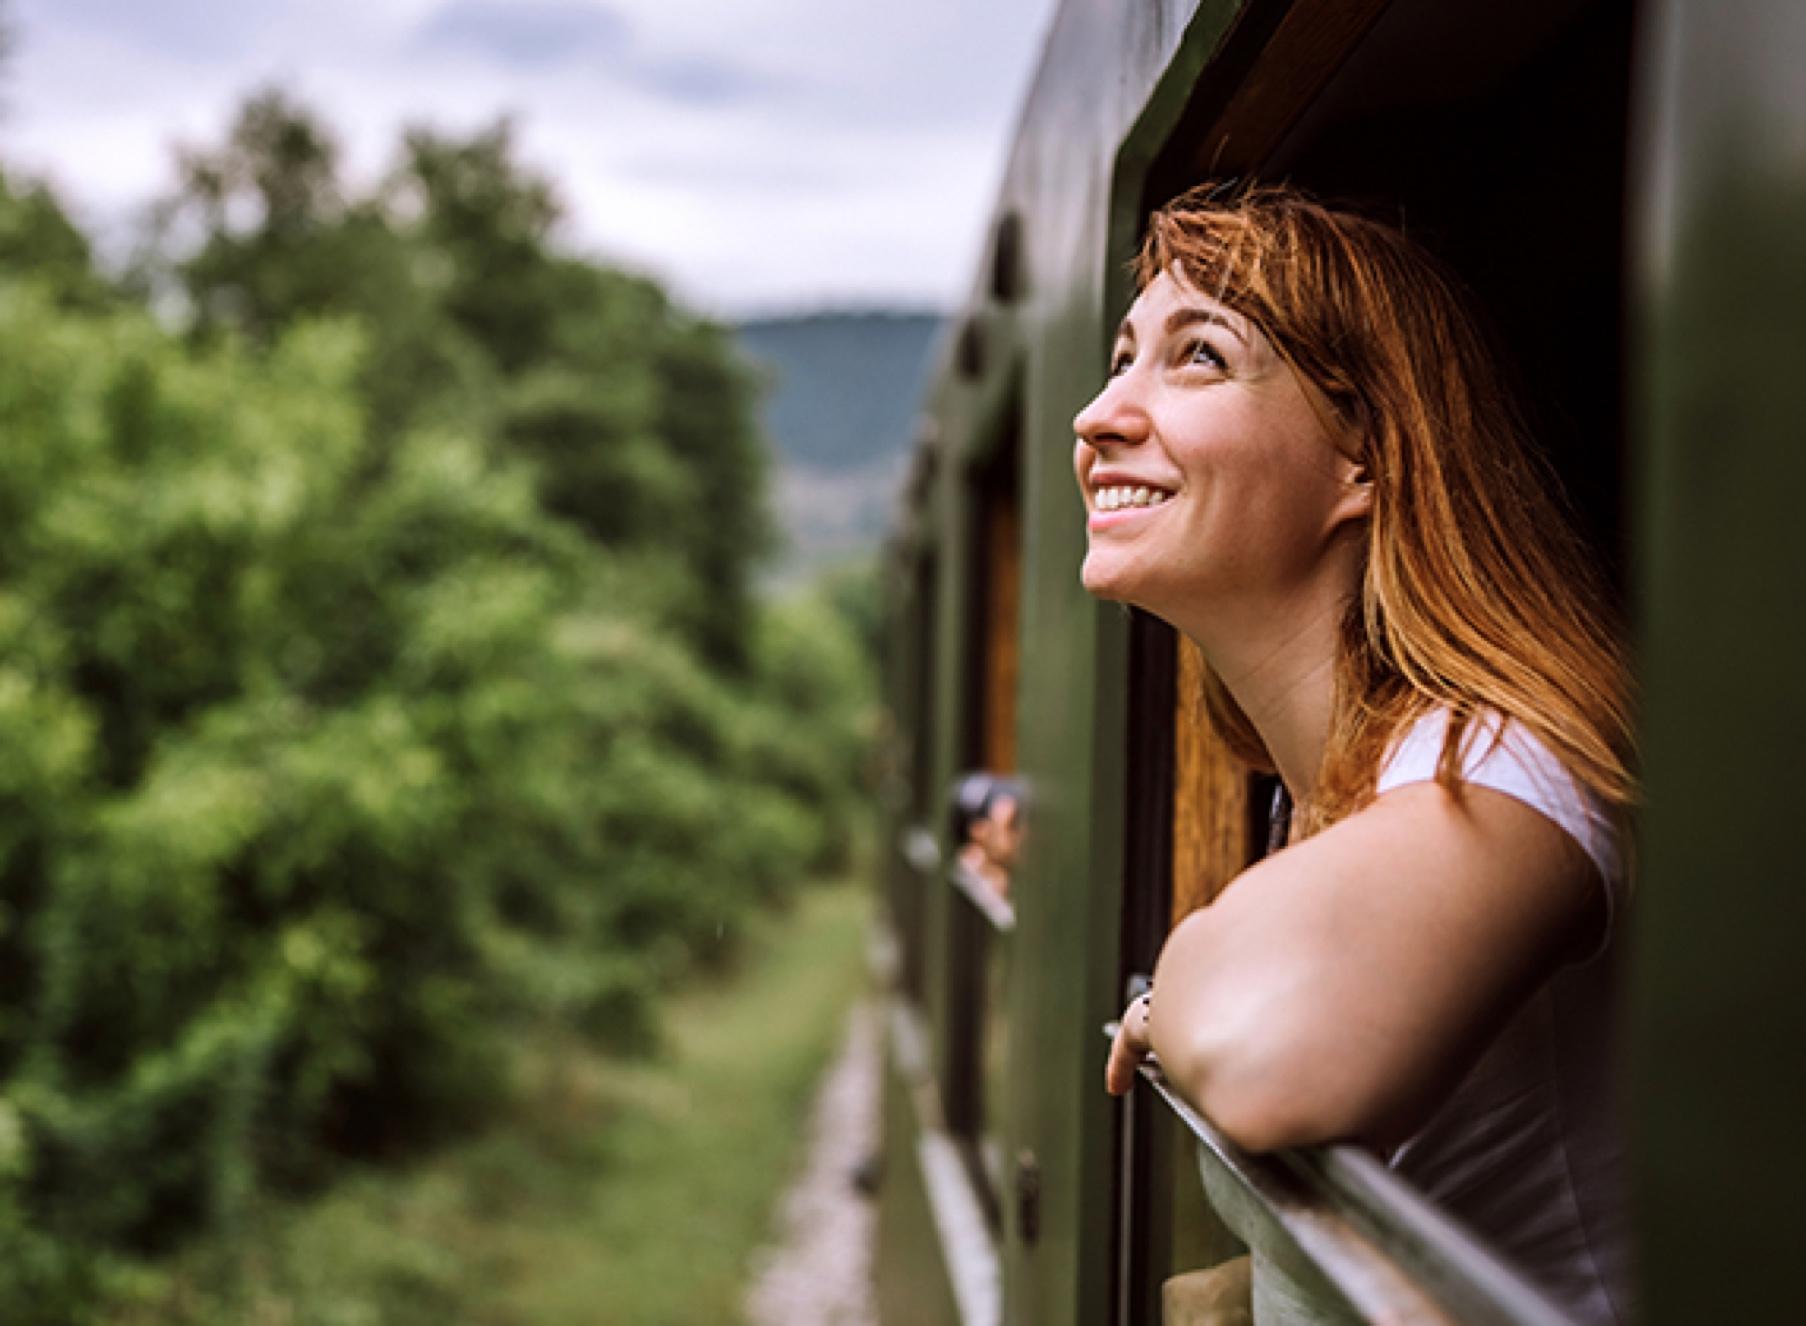 Tren ventana